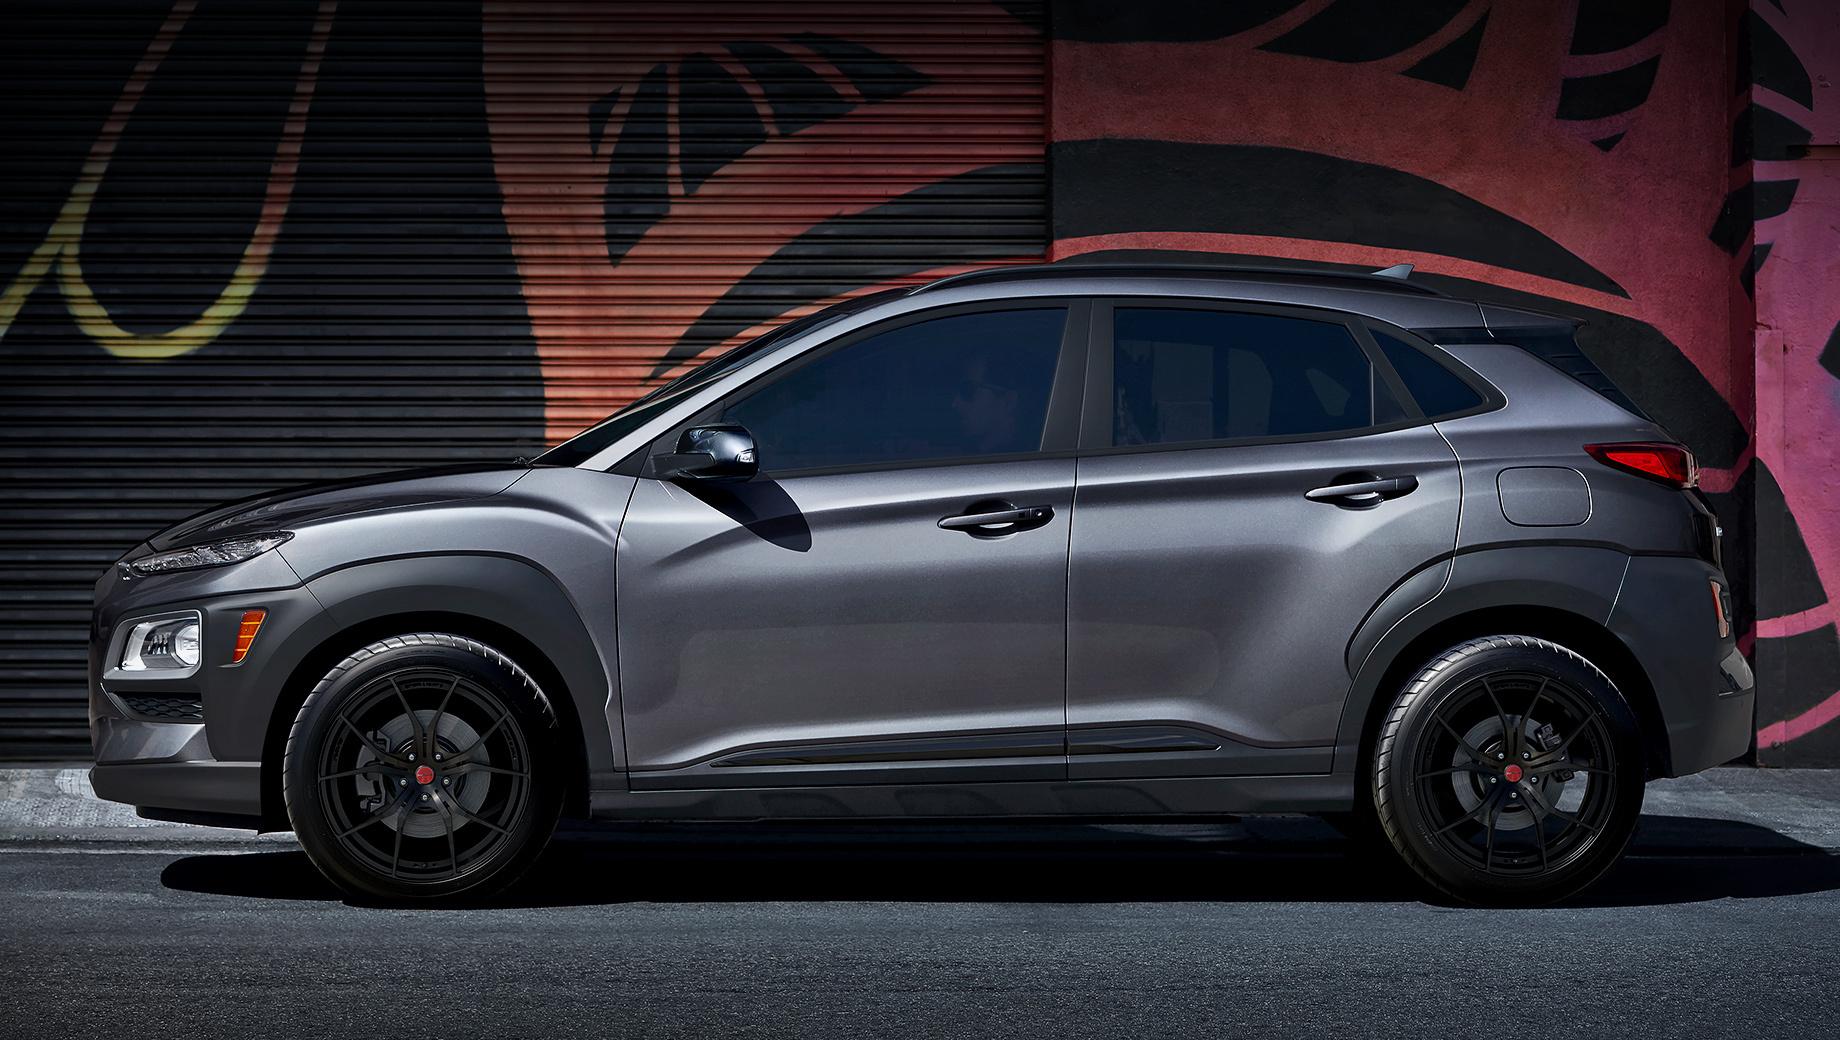 Hyundai kona. Список перекрашенных под ночь элементов компания не даёт. По фотографии видно, что в этот перечень вошли решётка радиатора, молдинги на дверях и багажнике. Кроме того, паркетник обзавёлся чёрными 18-дюймовыми алюминиевыми колёсами Rays.